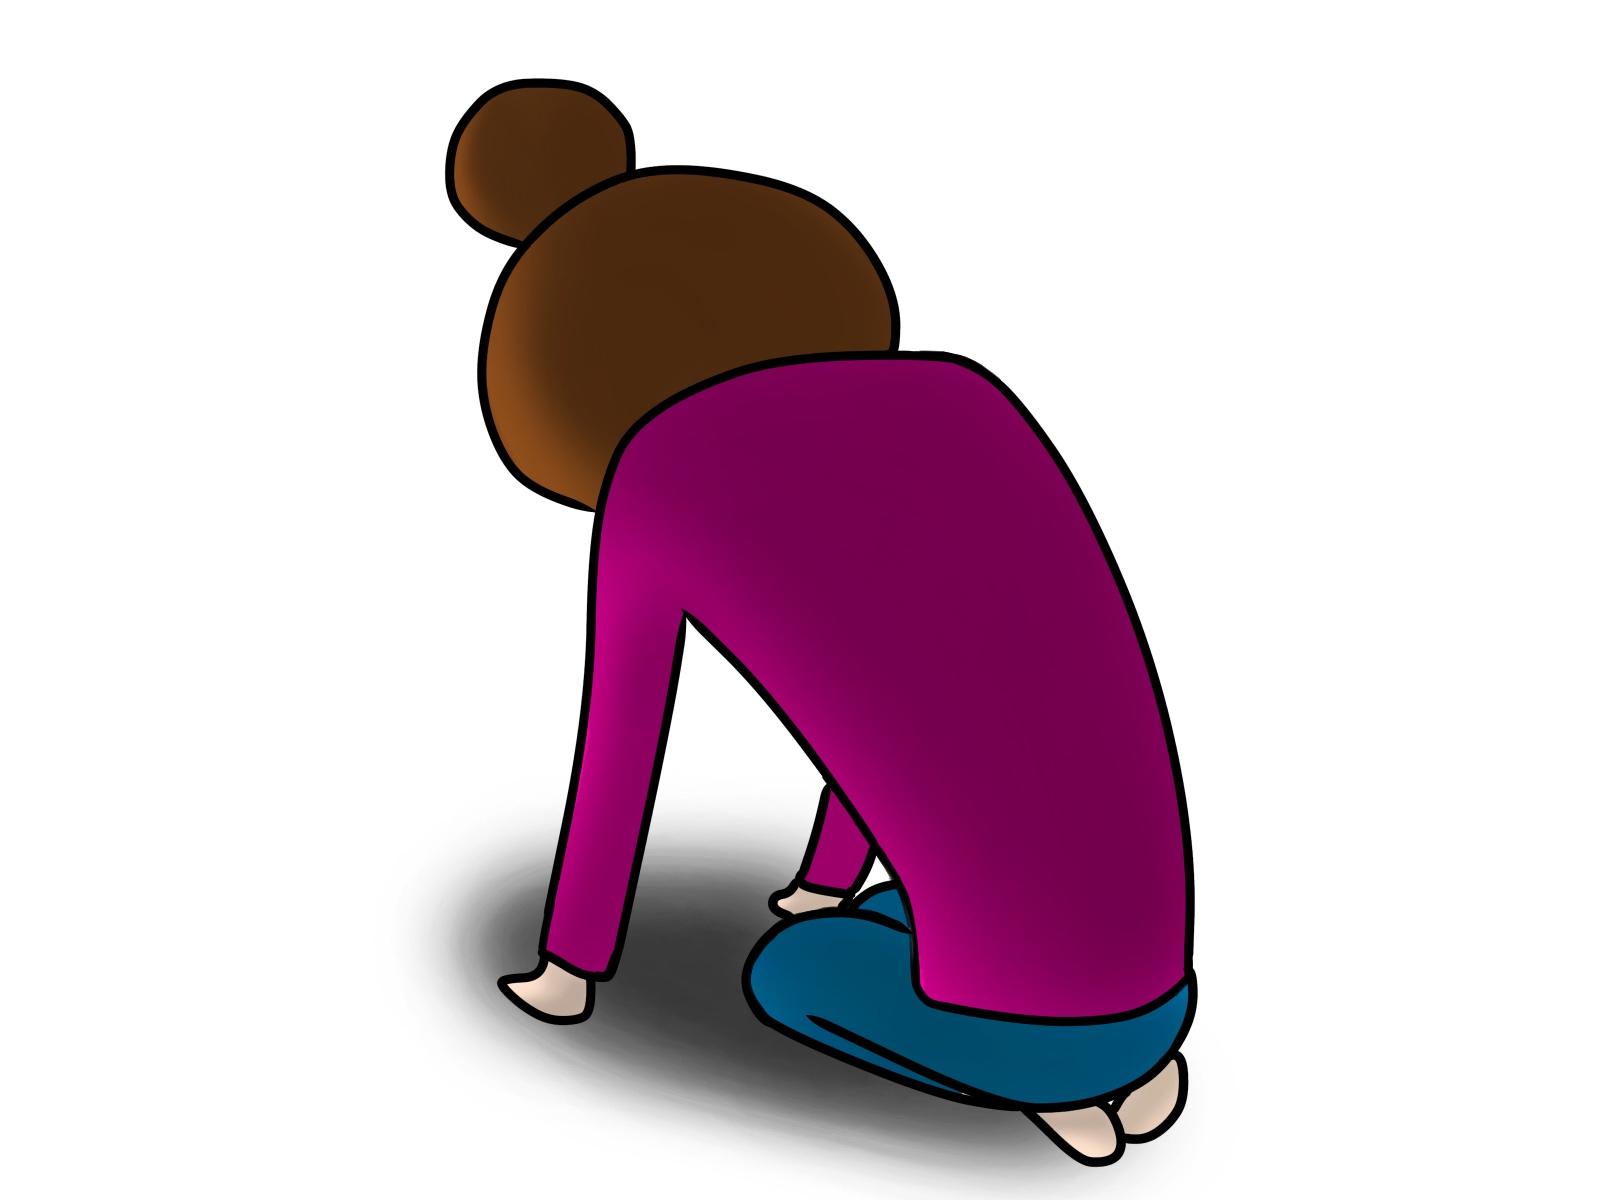 産後、気分が鬱々とした時は。